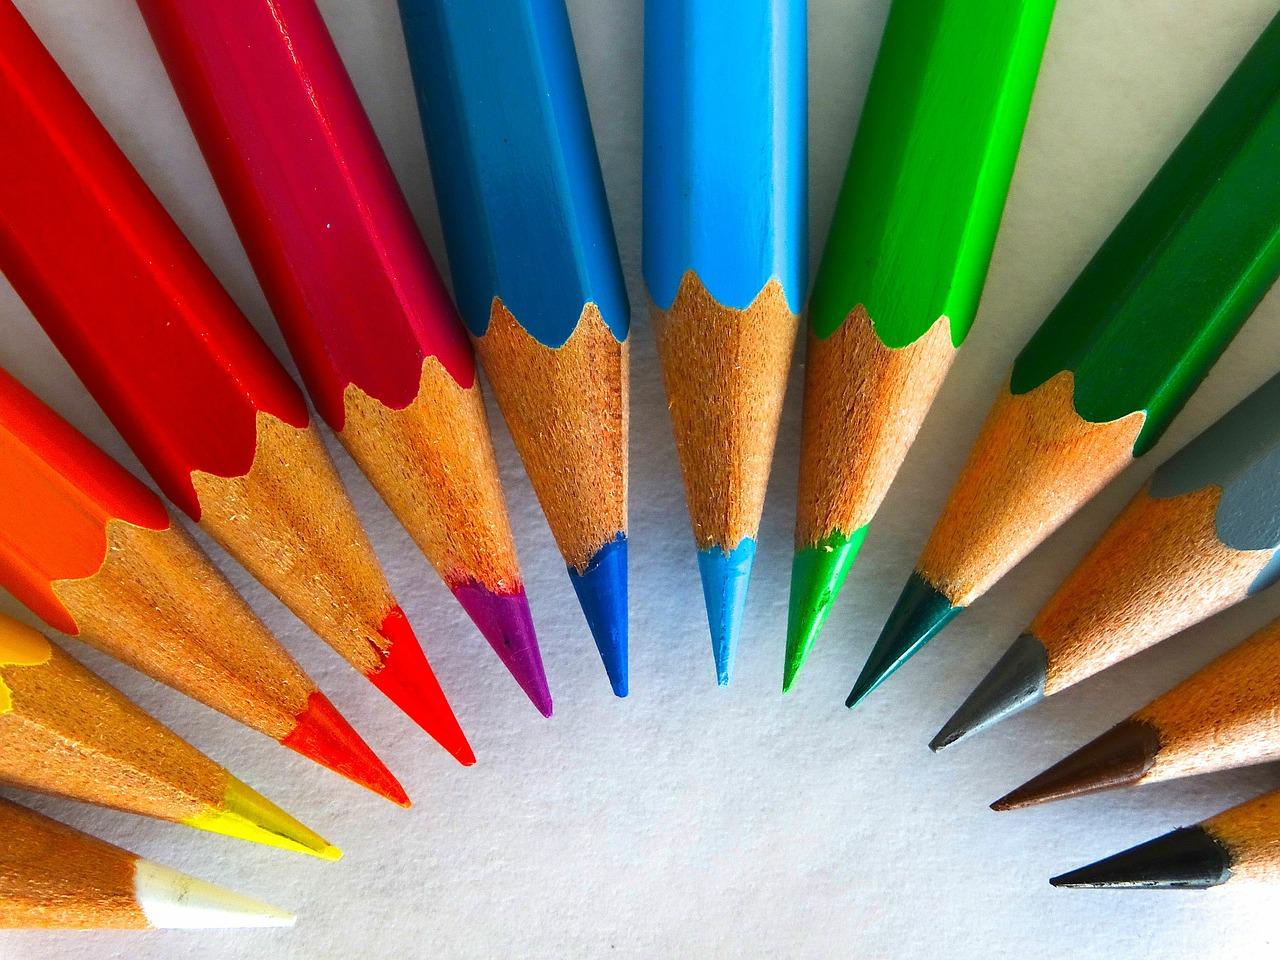 Art colored pencils - Art Colored Pencils 49